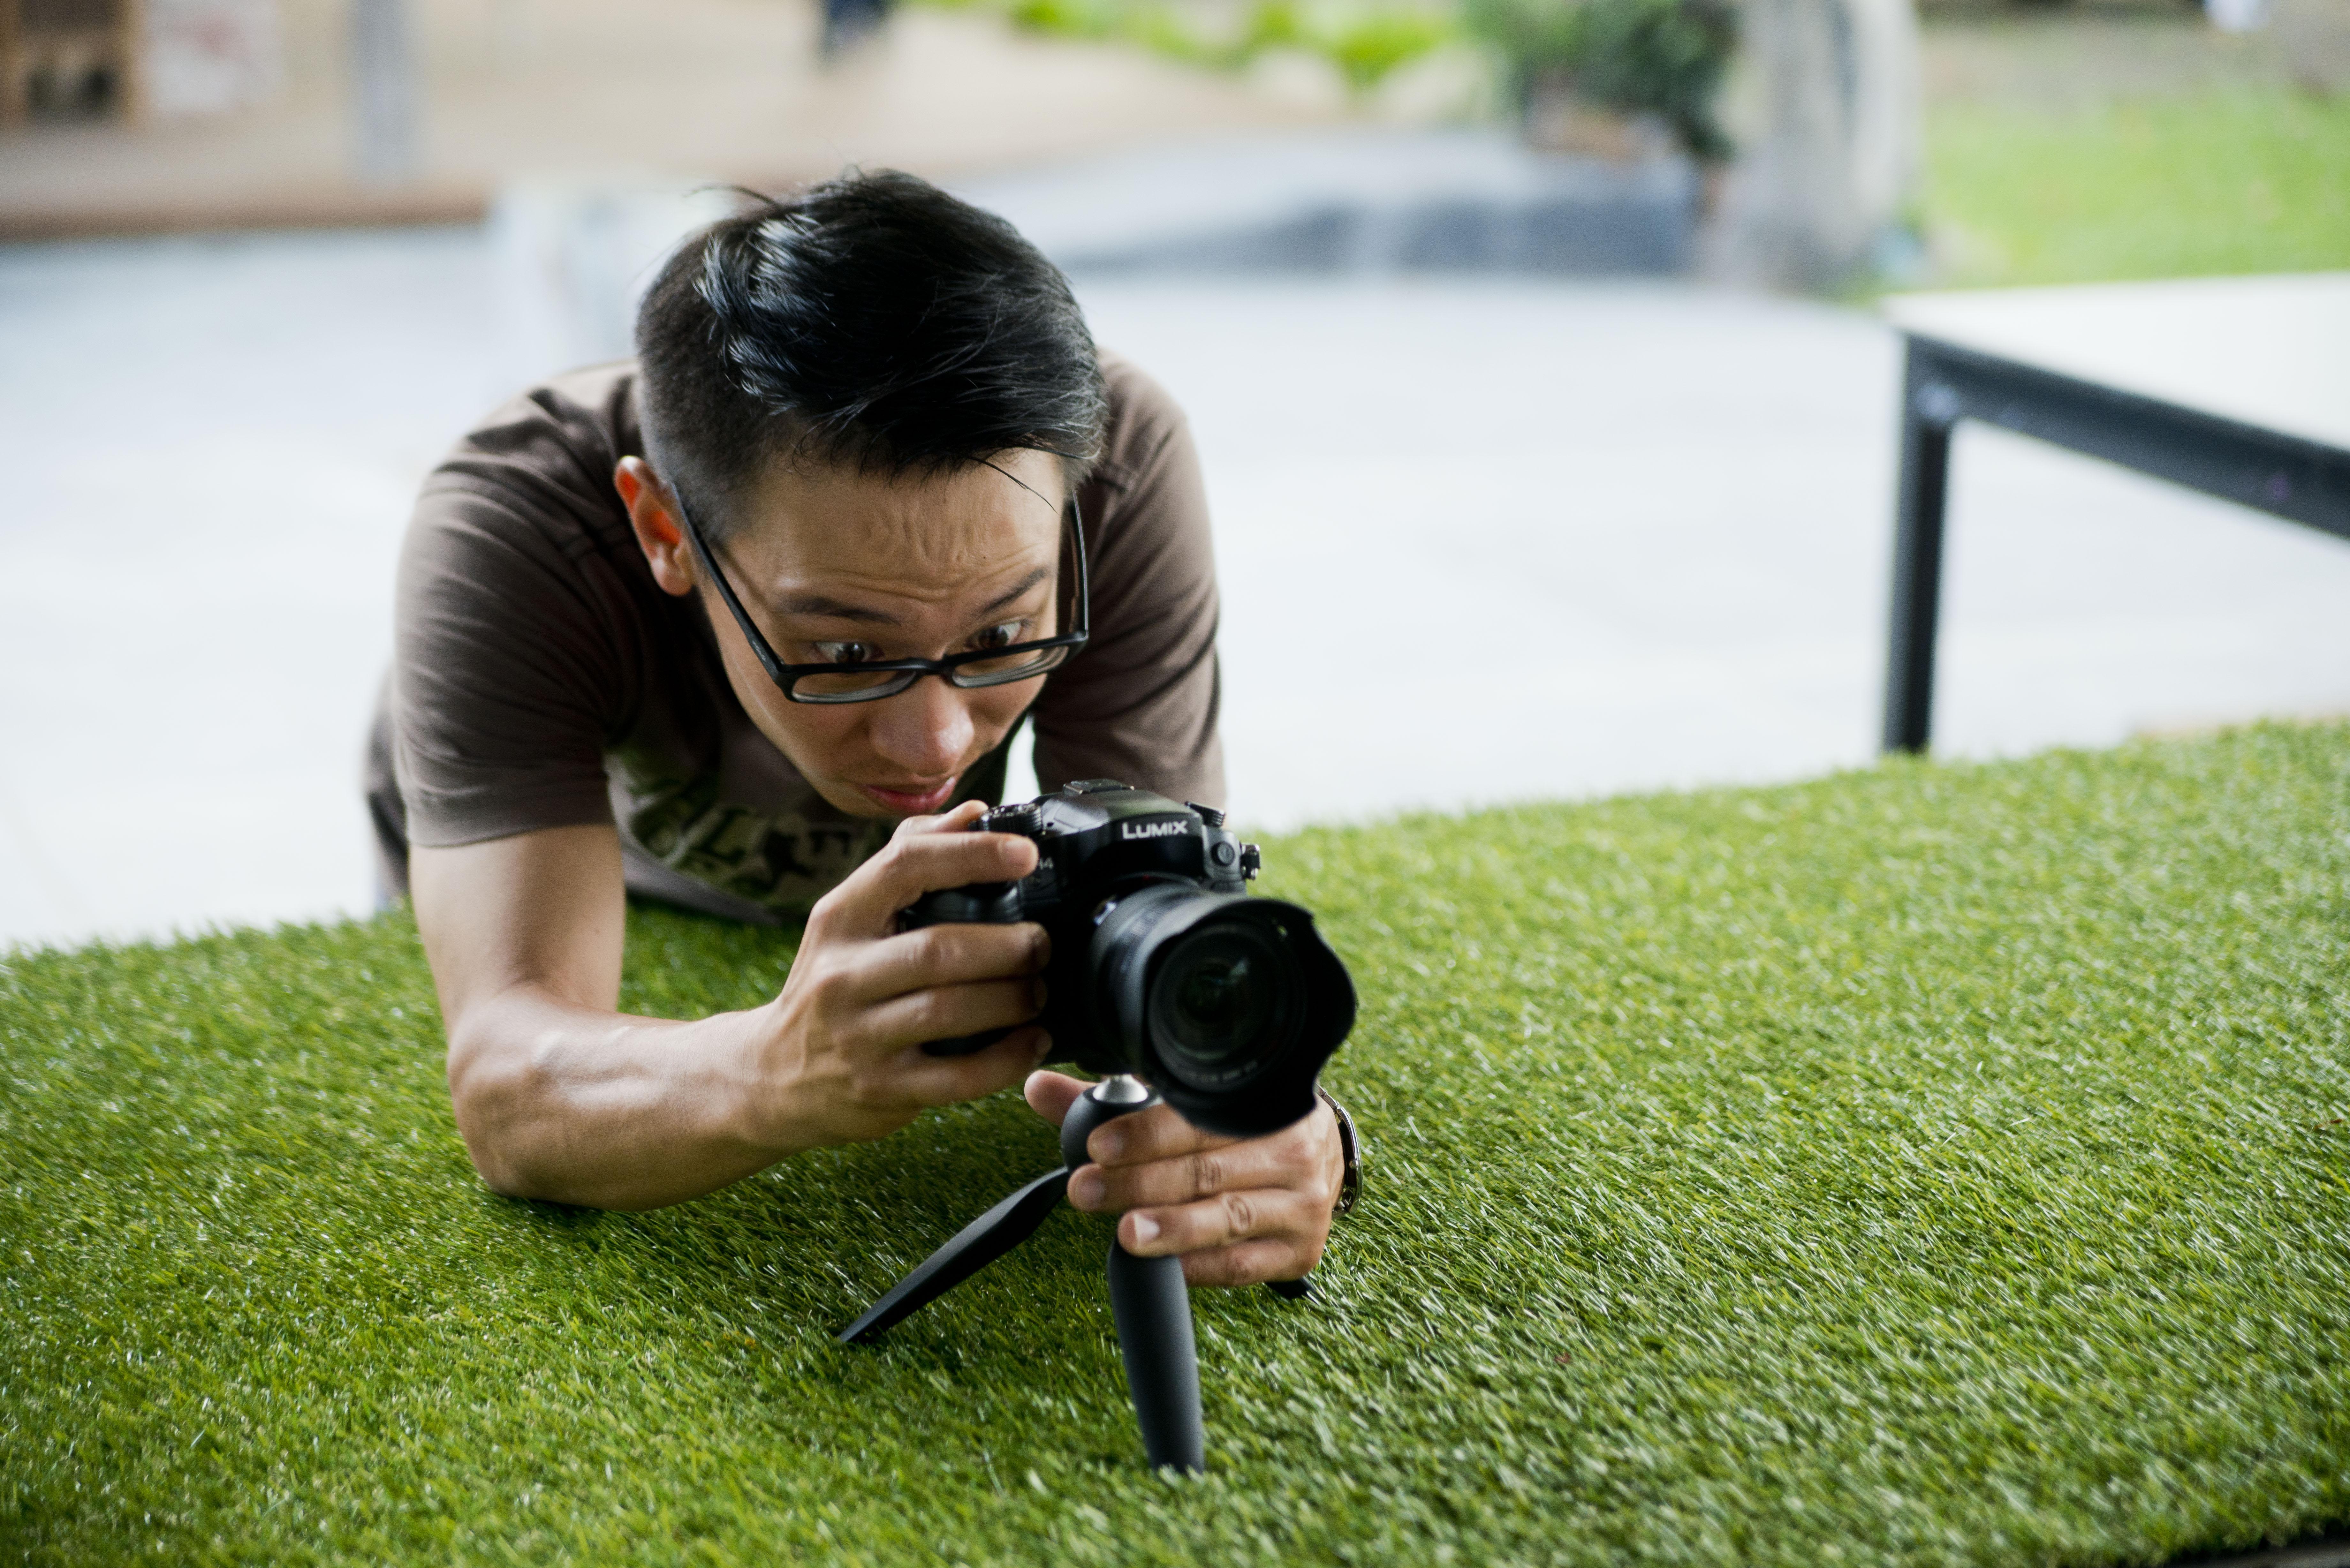 James CK Tan